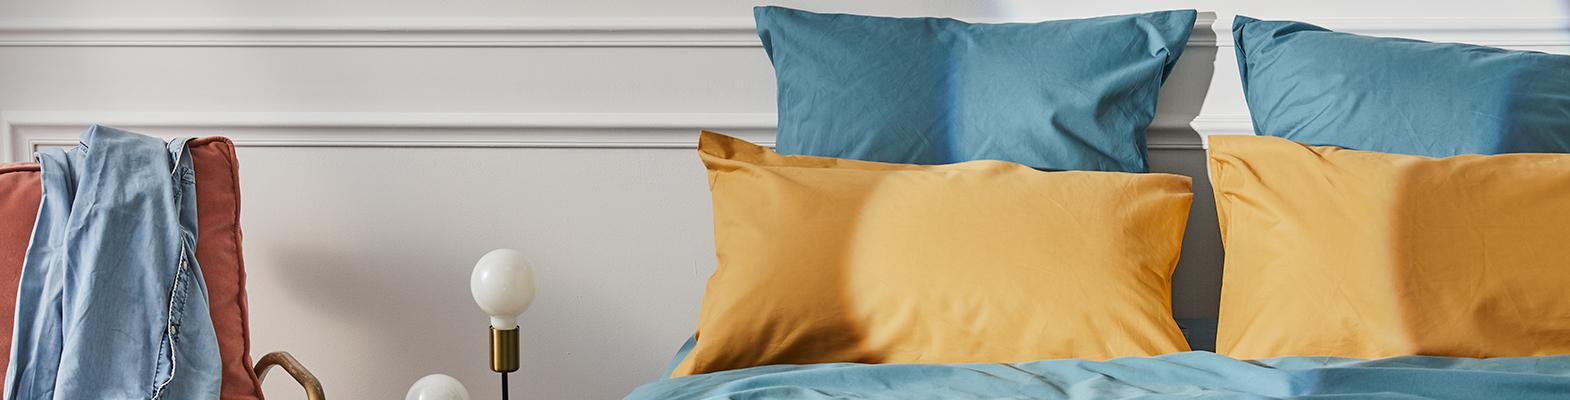 Parures de lit Percale coton égyptien, luxe accessible